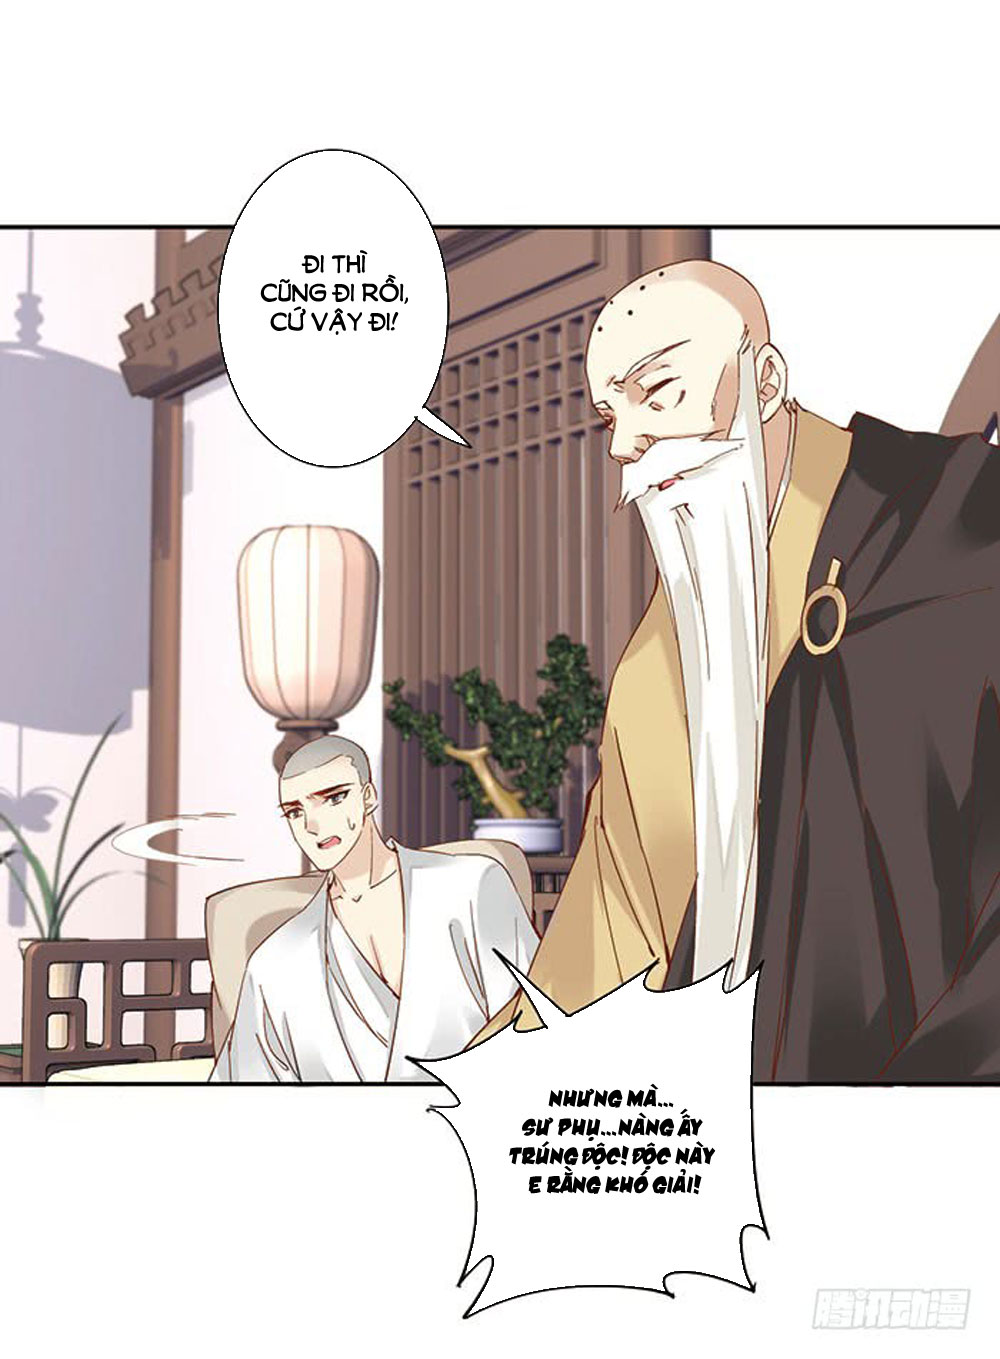 Thiền Tâm Vấn Đạo chap 36 - Trang 1